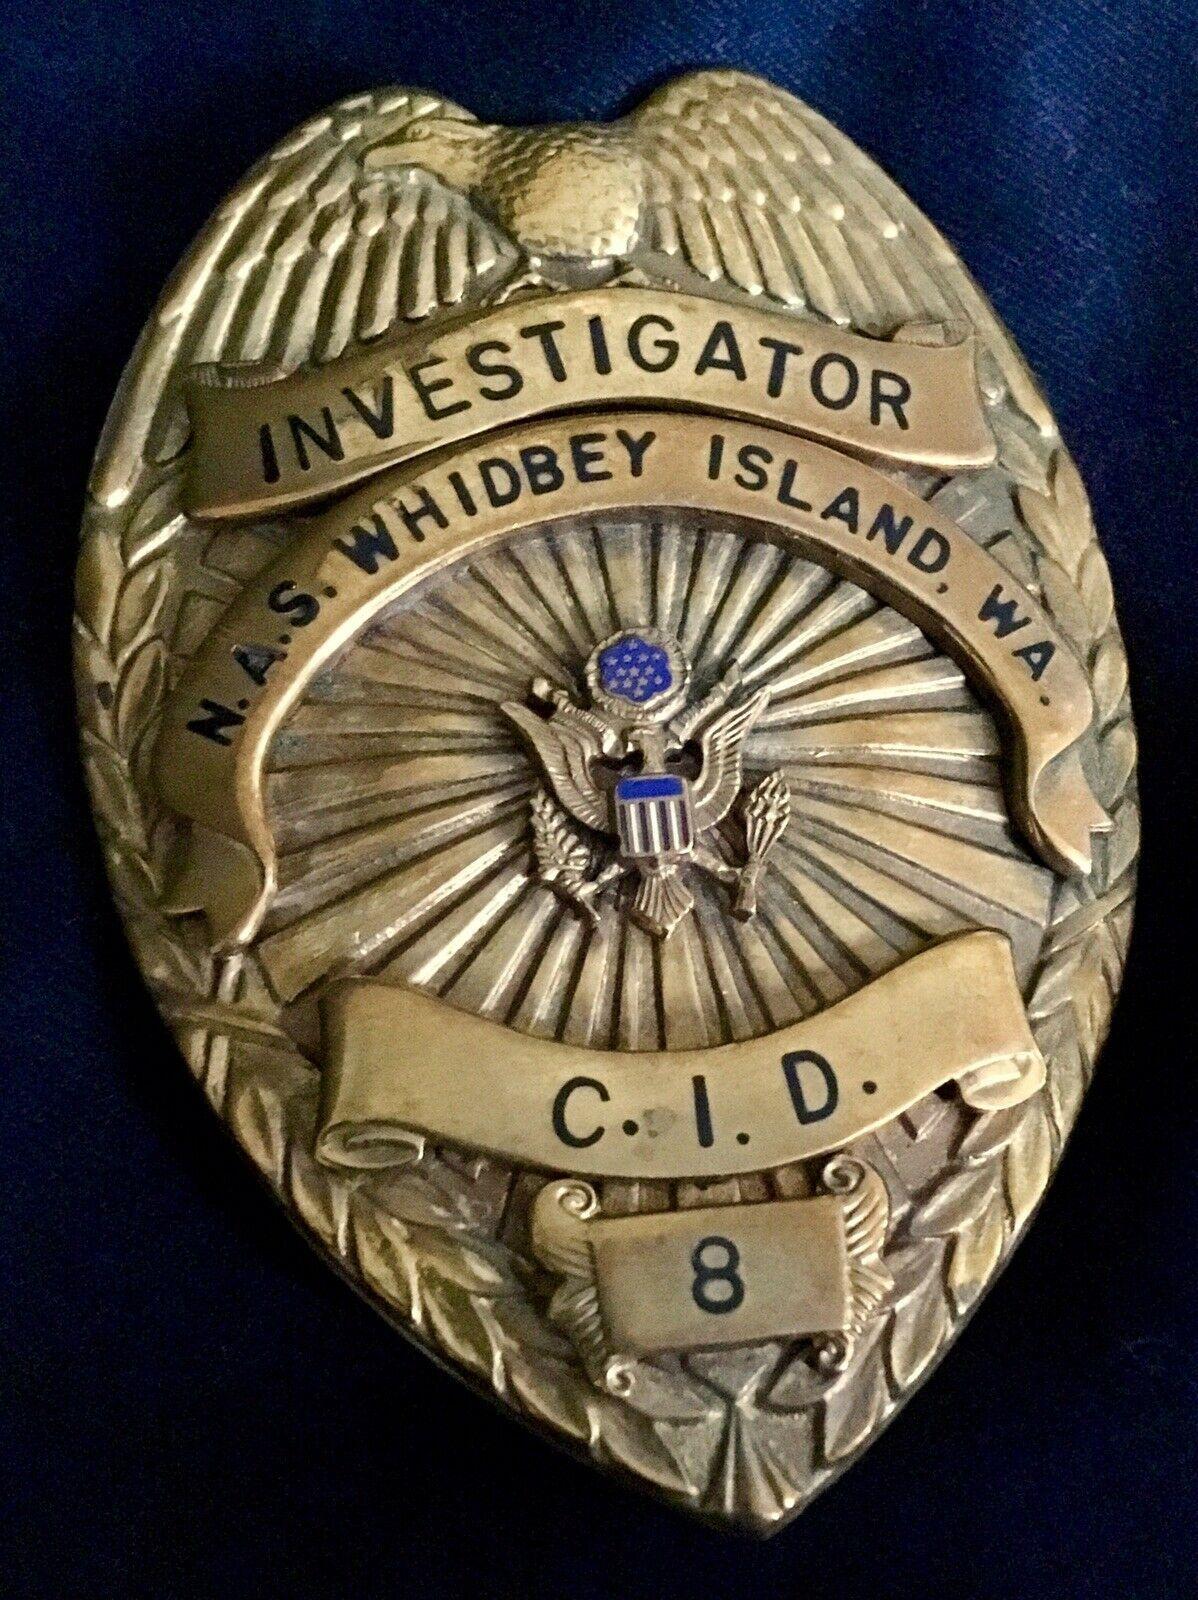 Investigator, Criminal Investigation Division, Naval Air